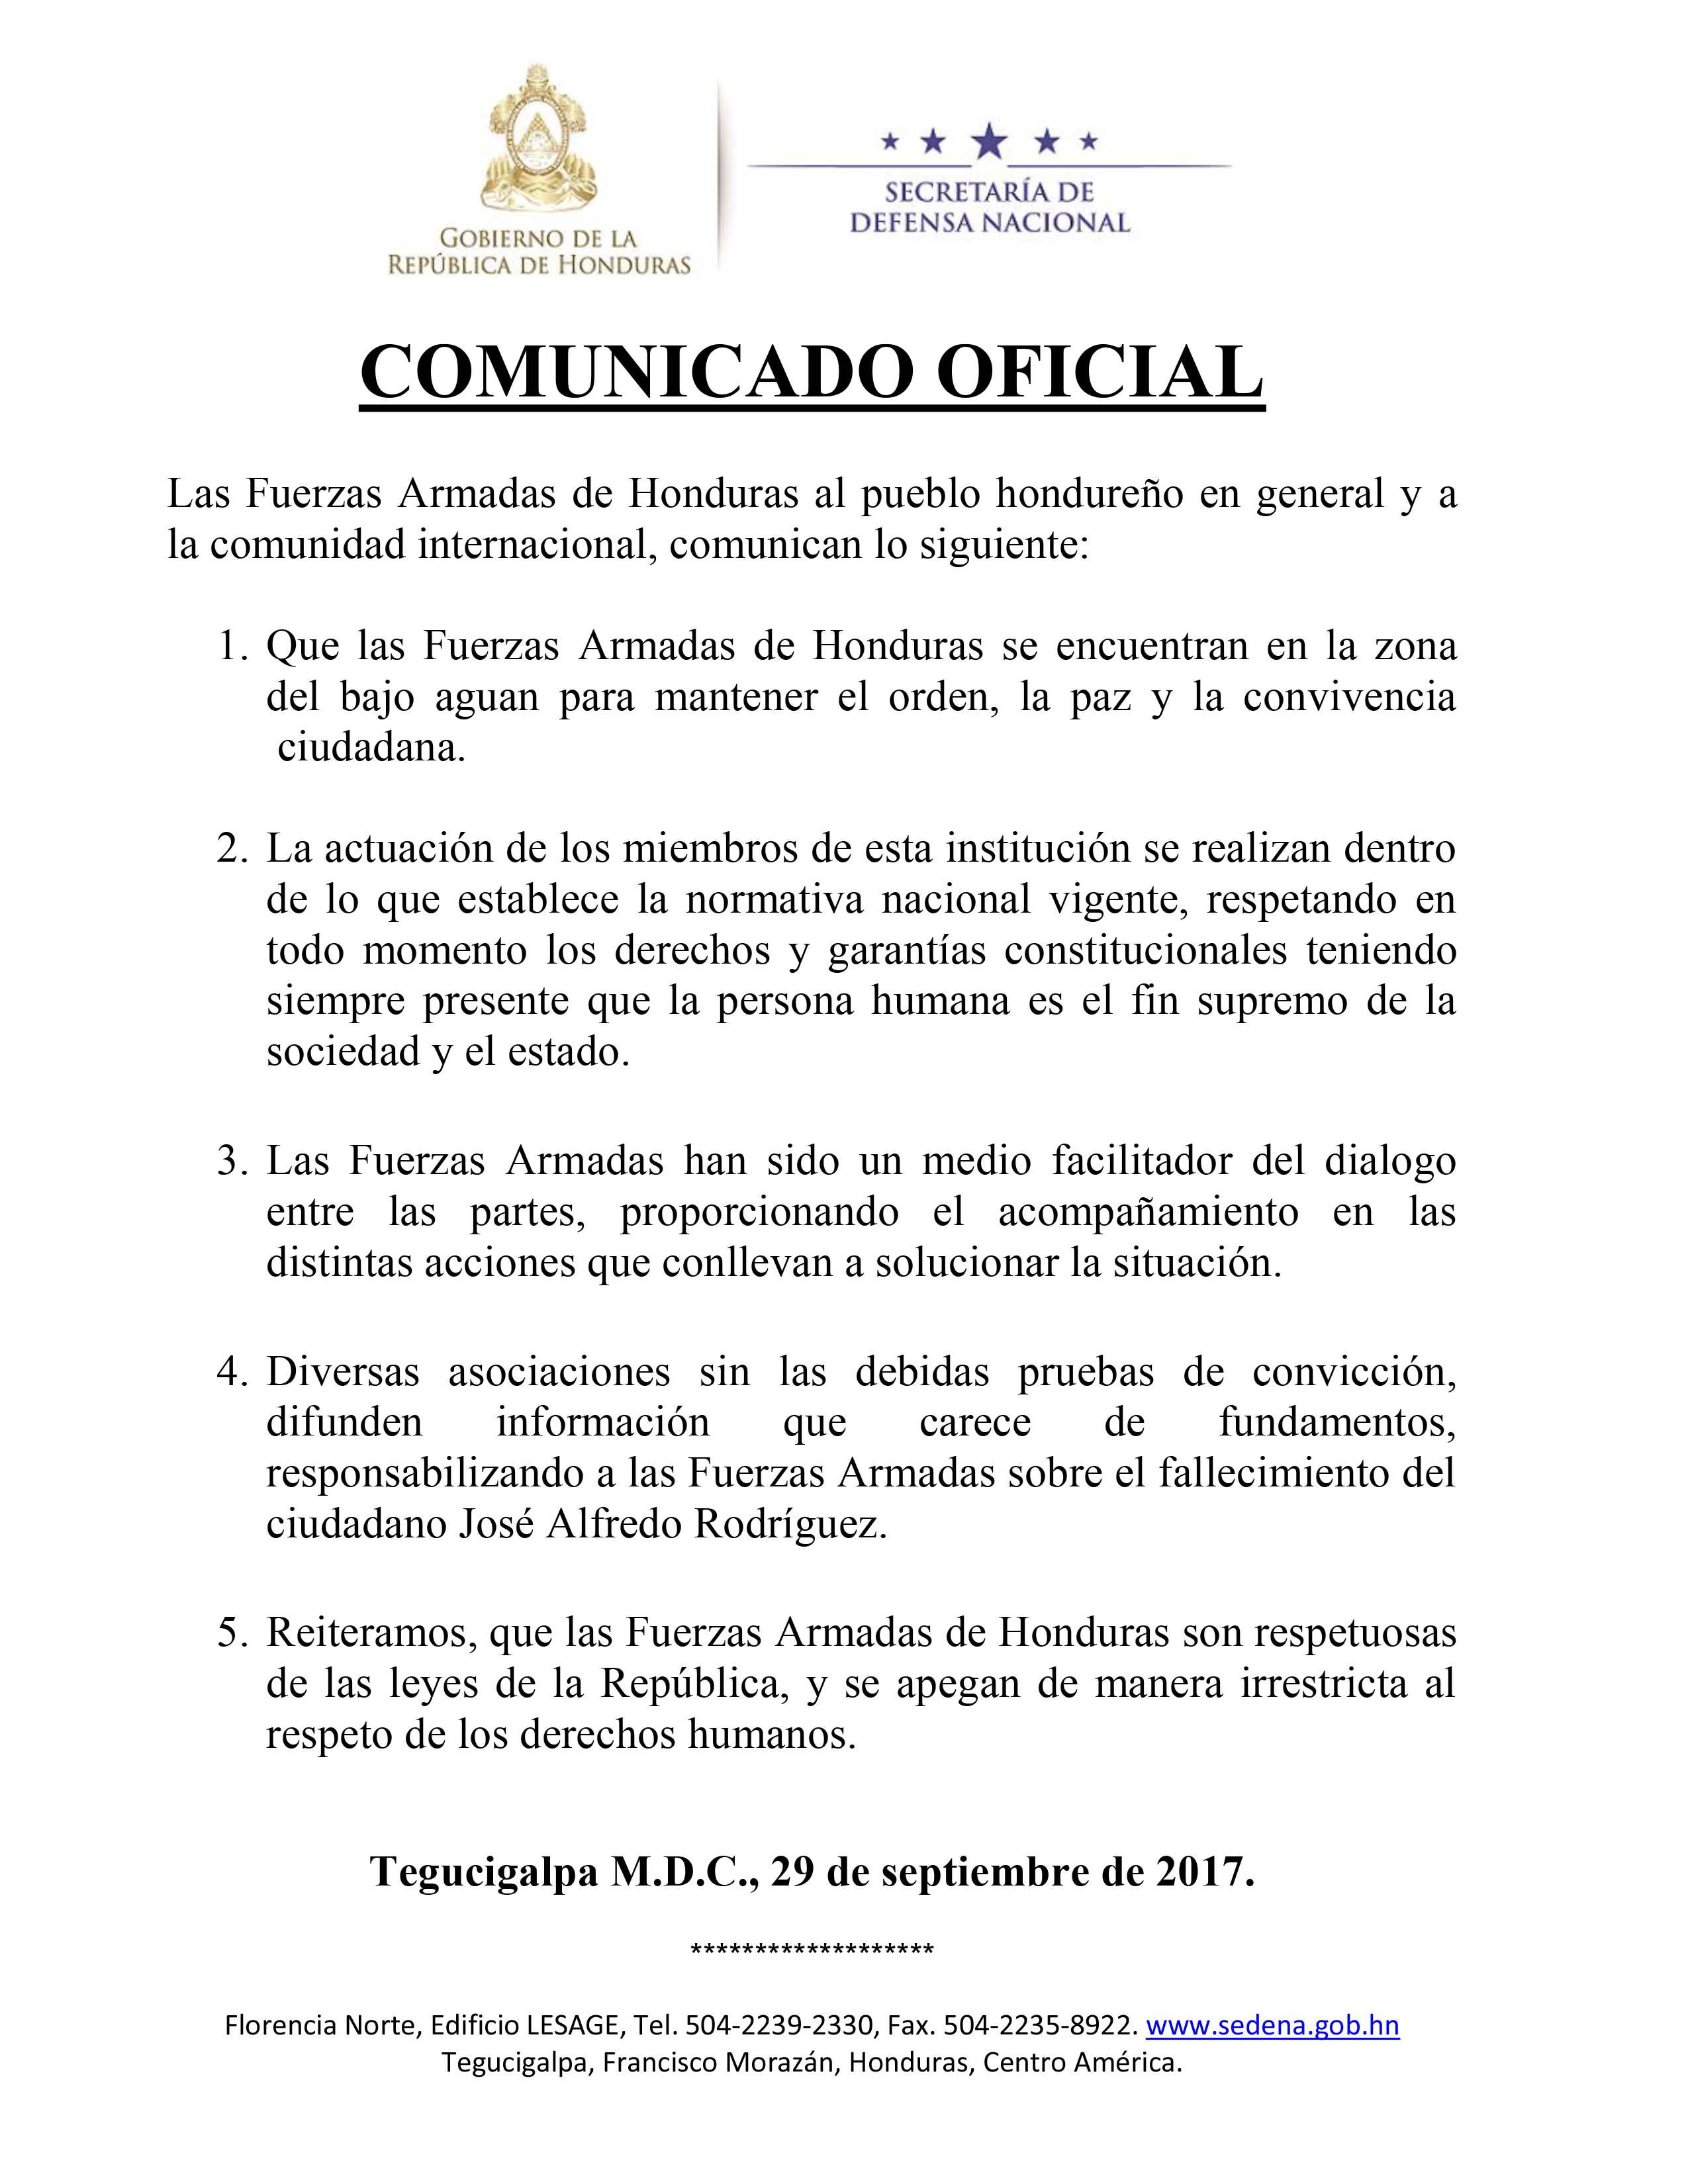 COMUNICADO EL AGUAN 29917